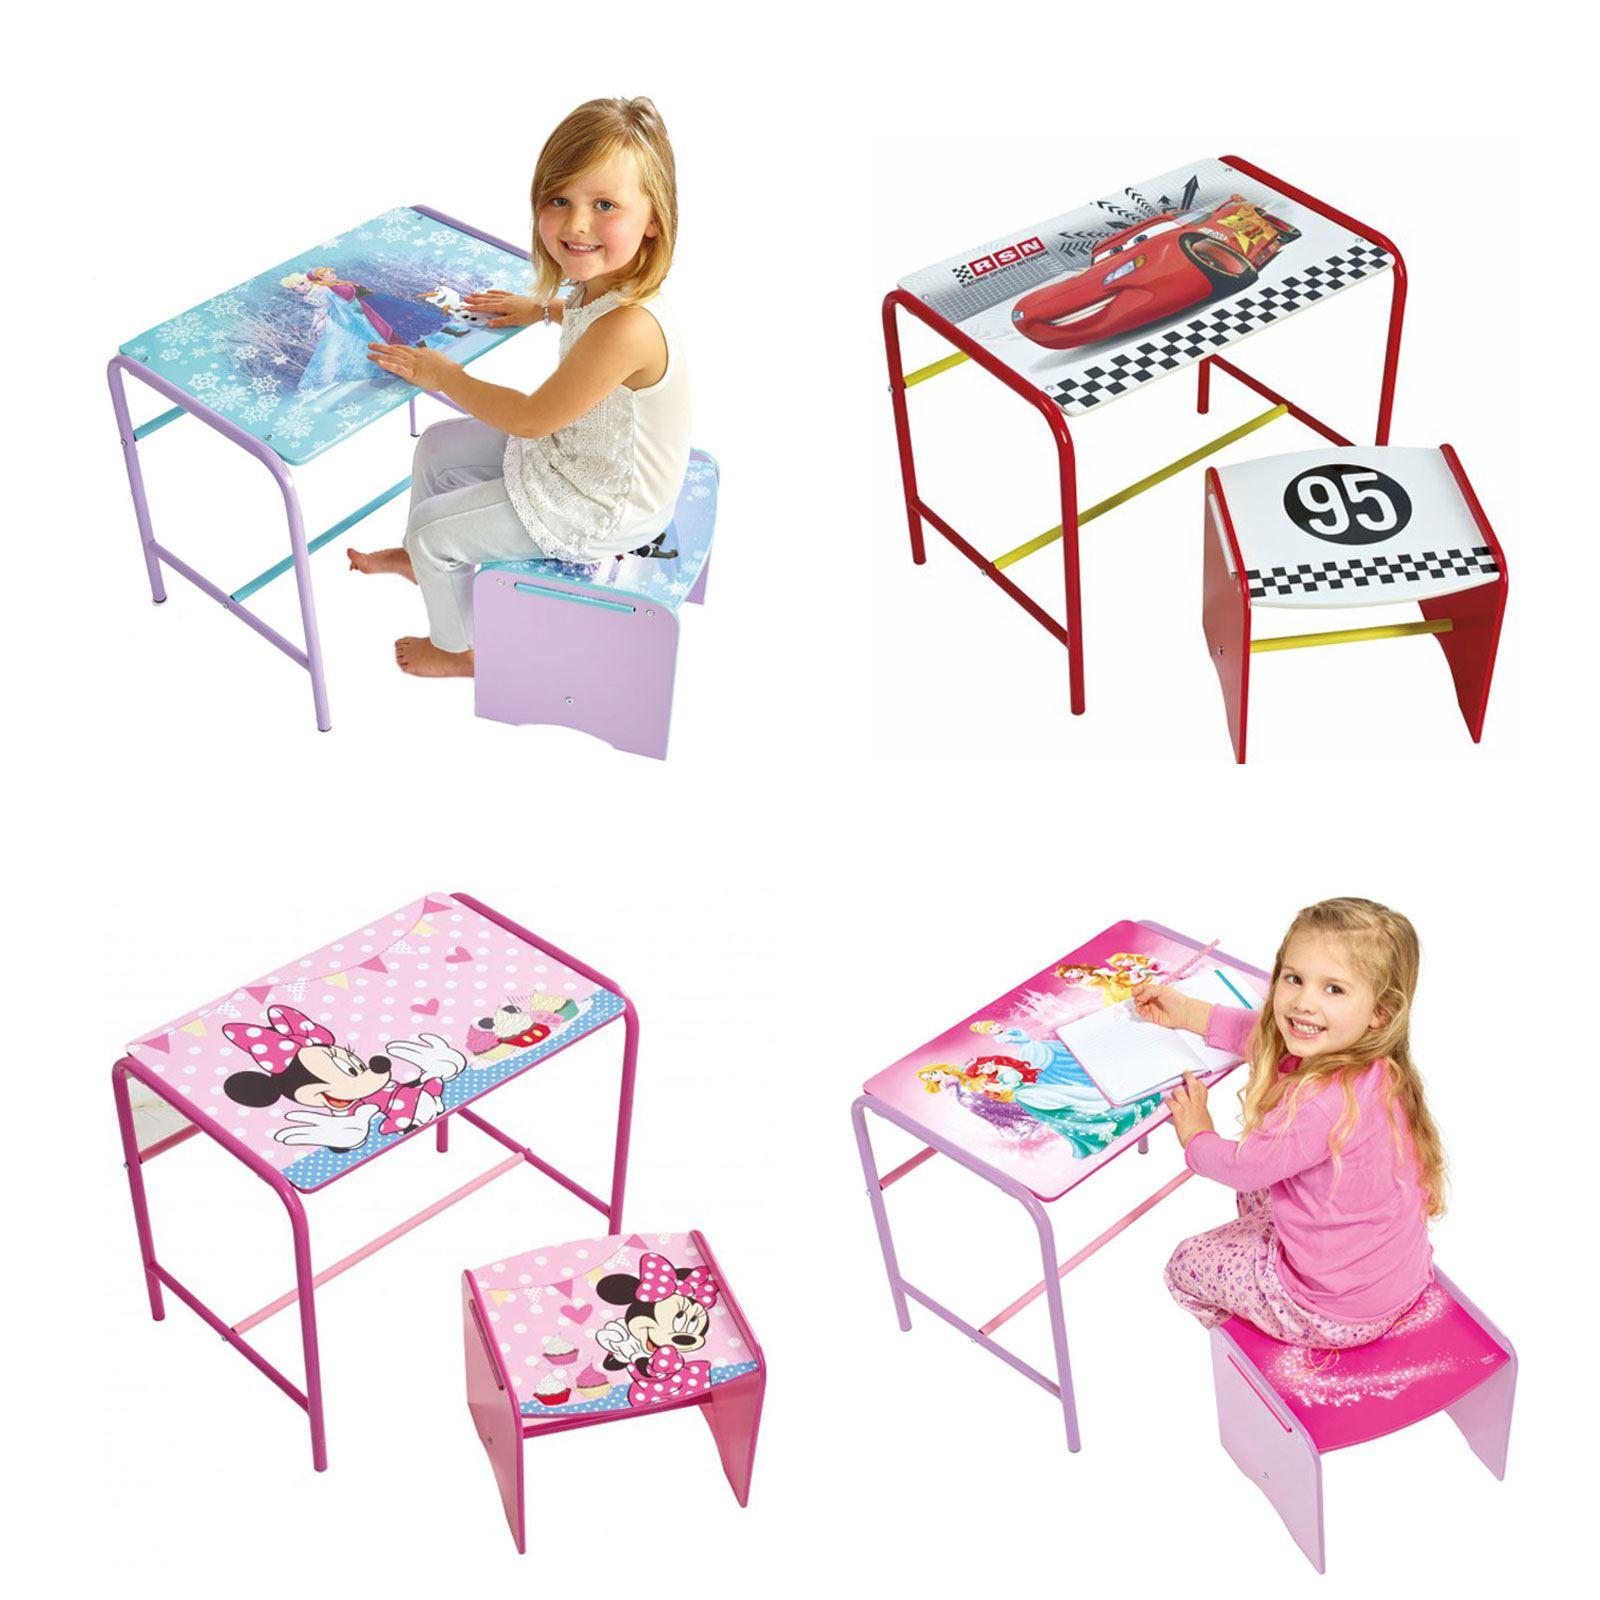 worlds apart doodle schreibtische kinder m bel. Black Bedroom Furniture Sets. Home Design Ideas